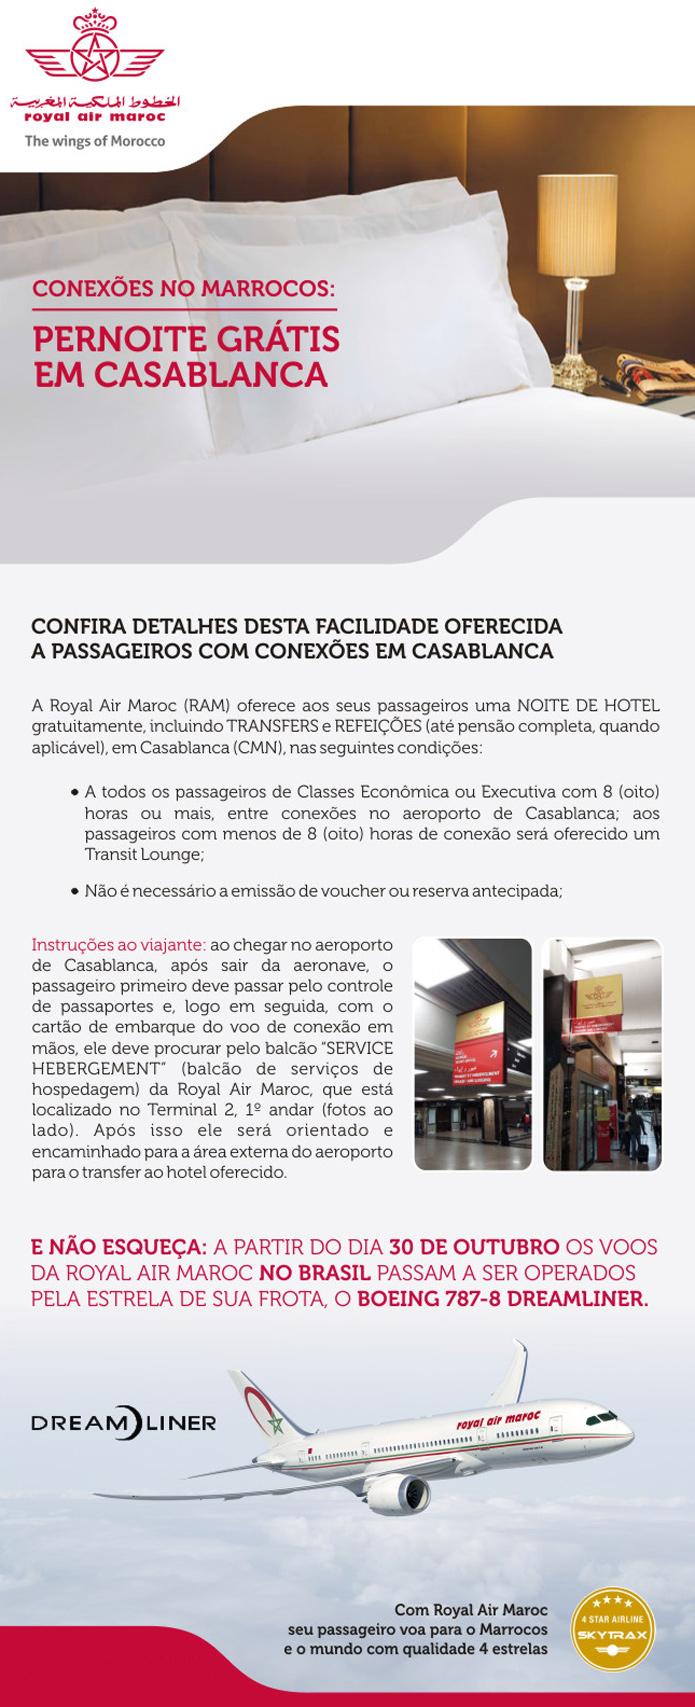 Pernoite gratis em Casablanca com a Royal Air Maroc - Verifique possíveis alterações pelo site da RAM